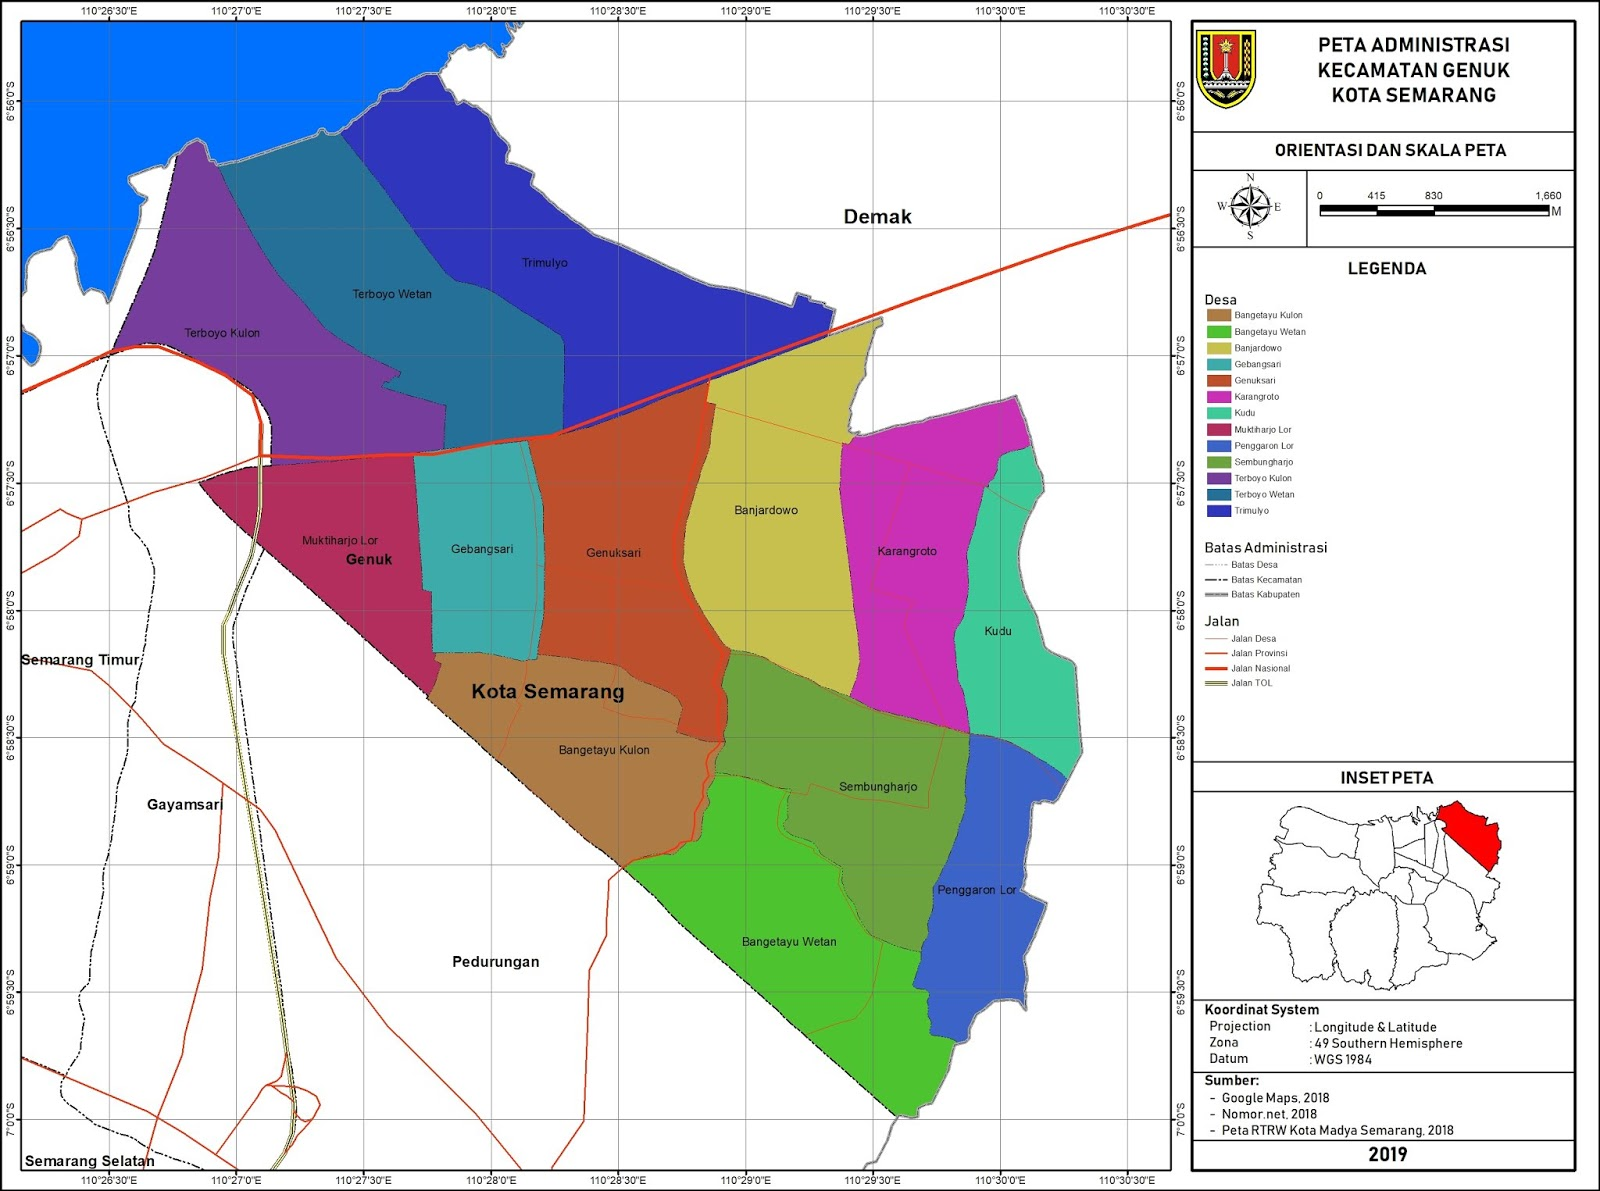 Peta Administrasi Kecamatan Genuk, Kota Semarang ~ NeededThing